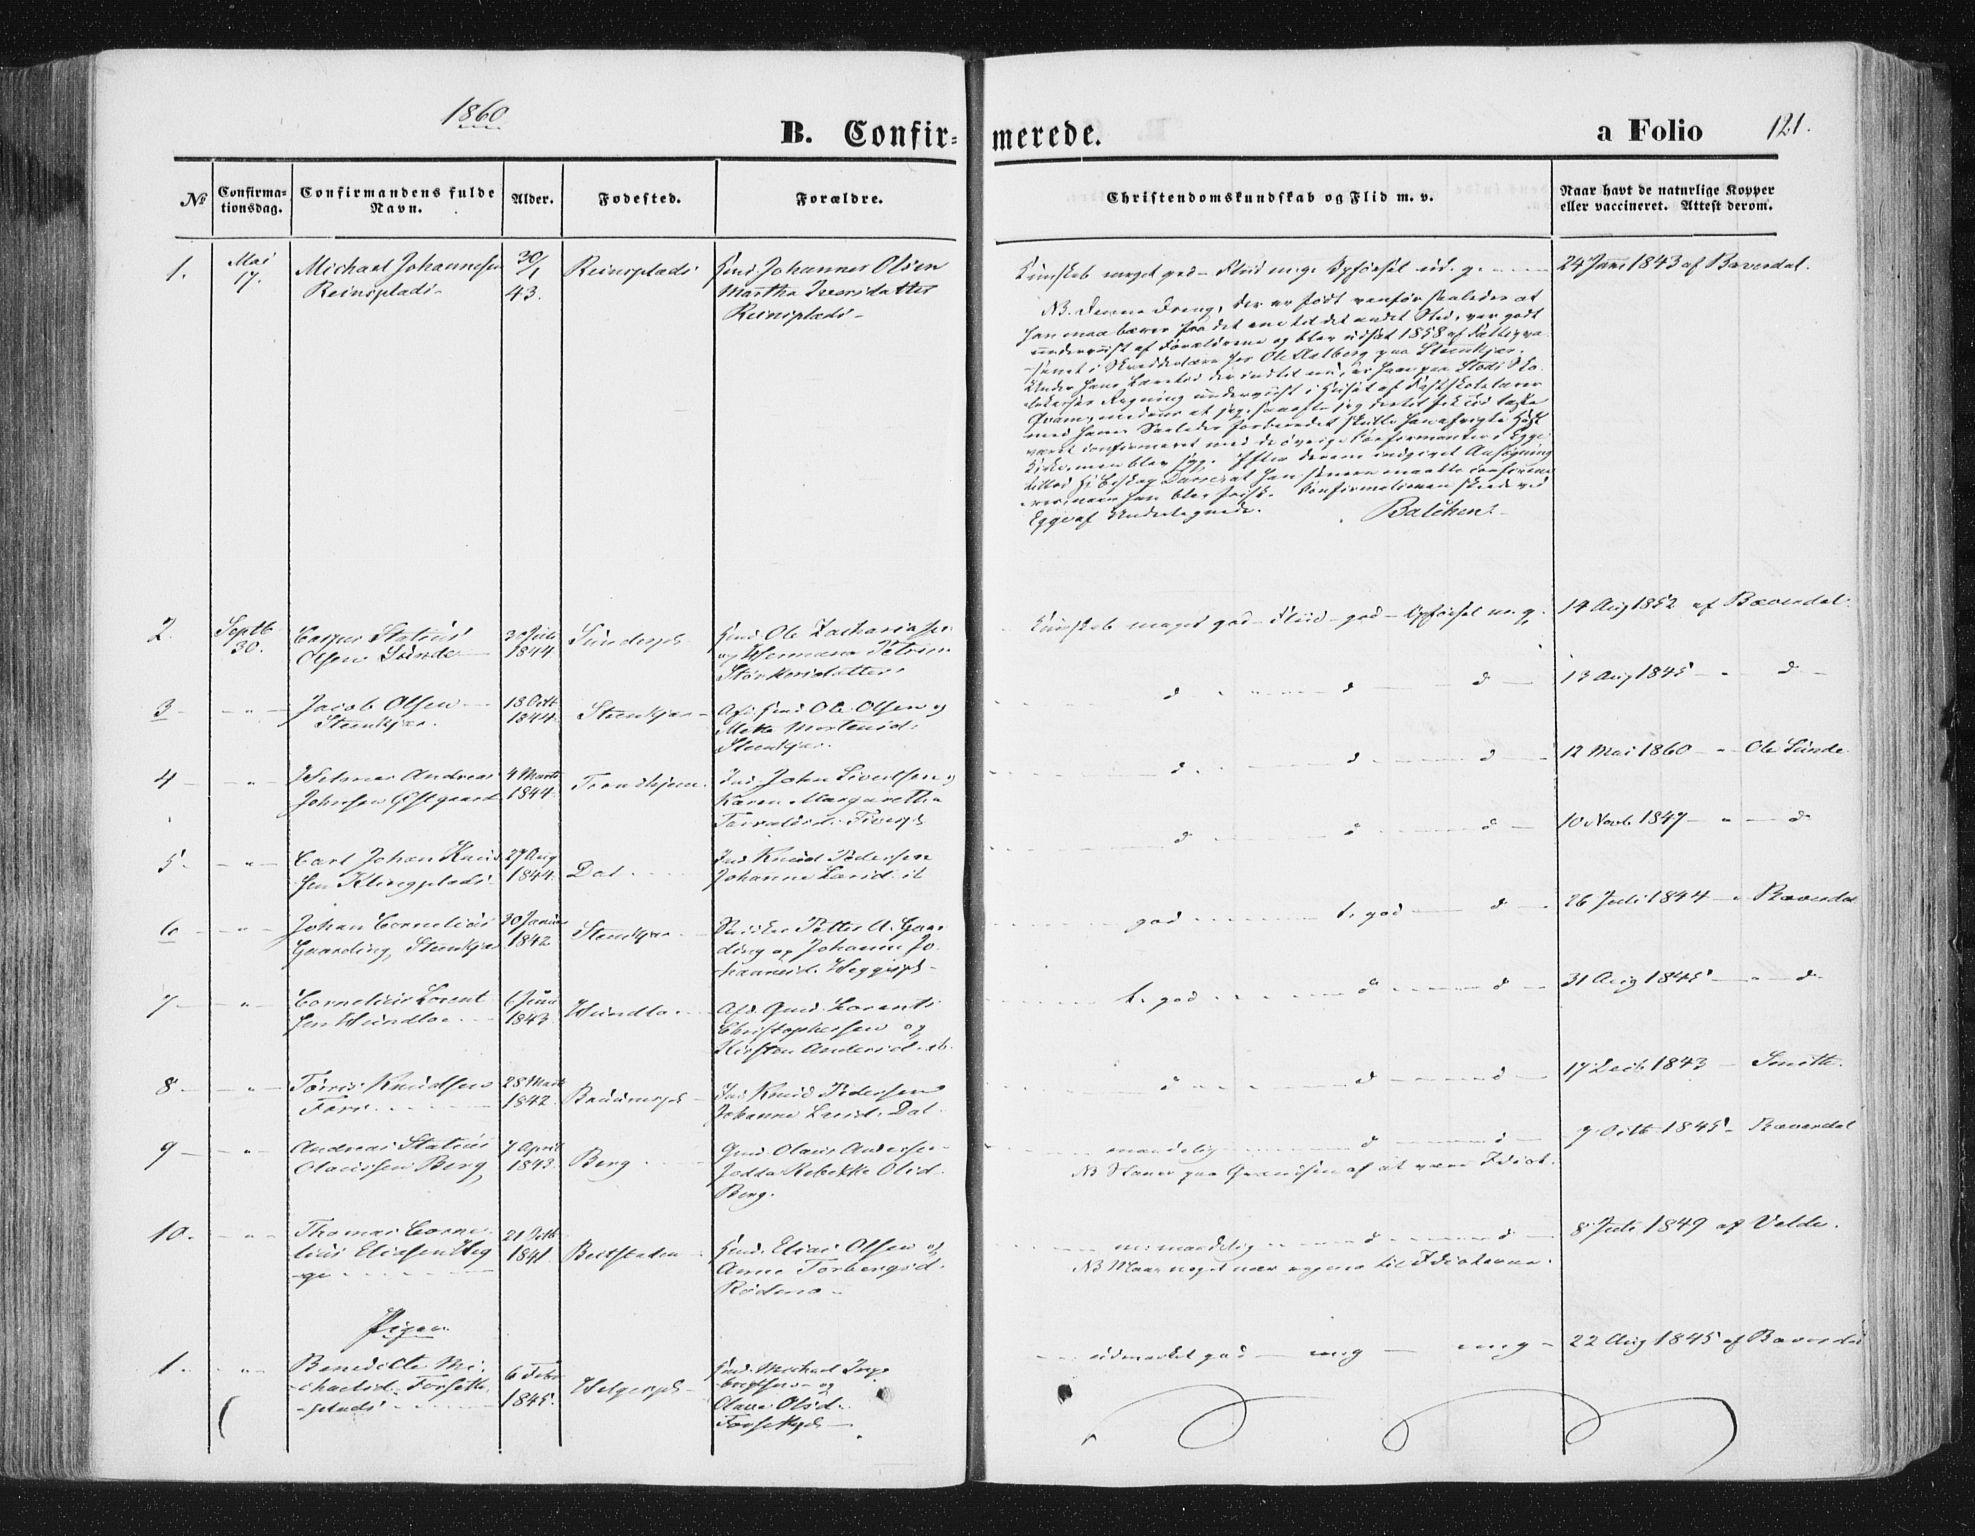 SAT, Ministerialprotokoller, klokkerbøker og fødselsregistre - Nord-Trøndelag, 746/L0447: Ministerialbok nr. 746A06, 1860-1877, s. 121